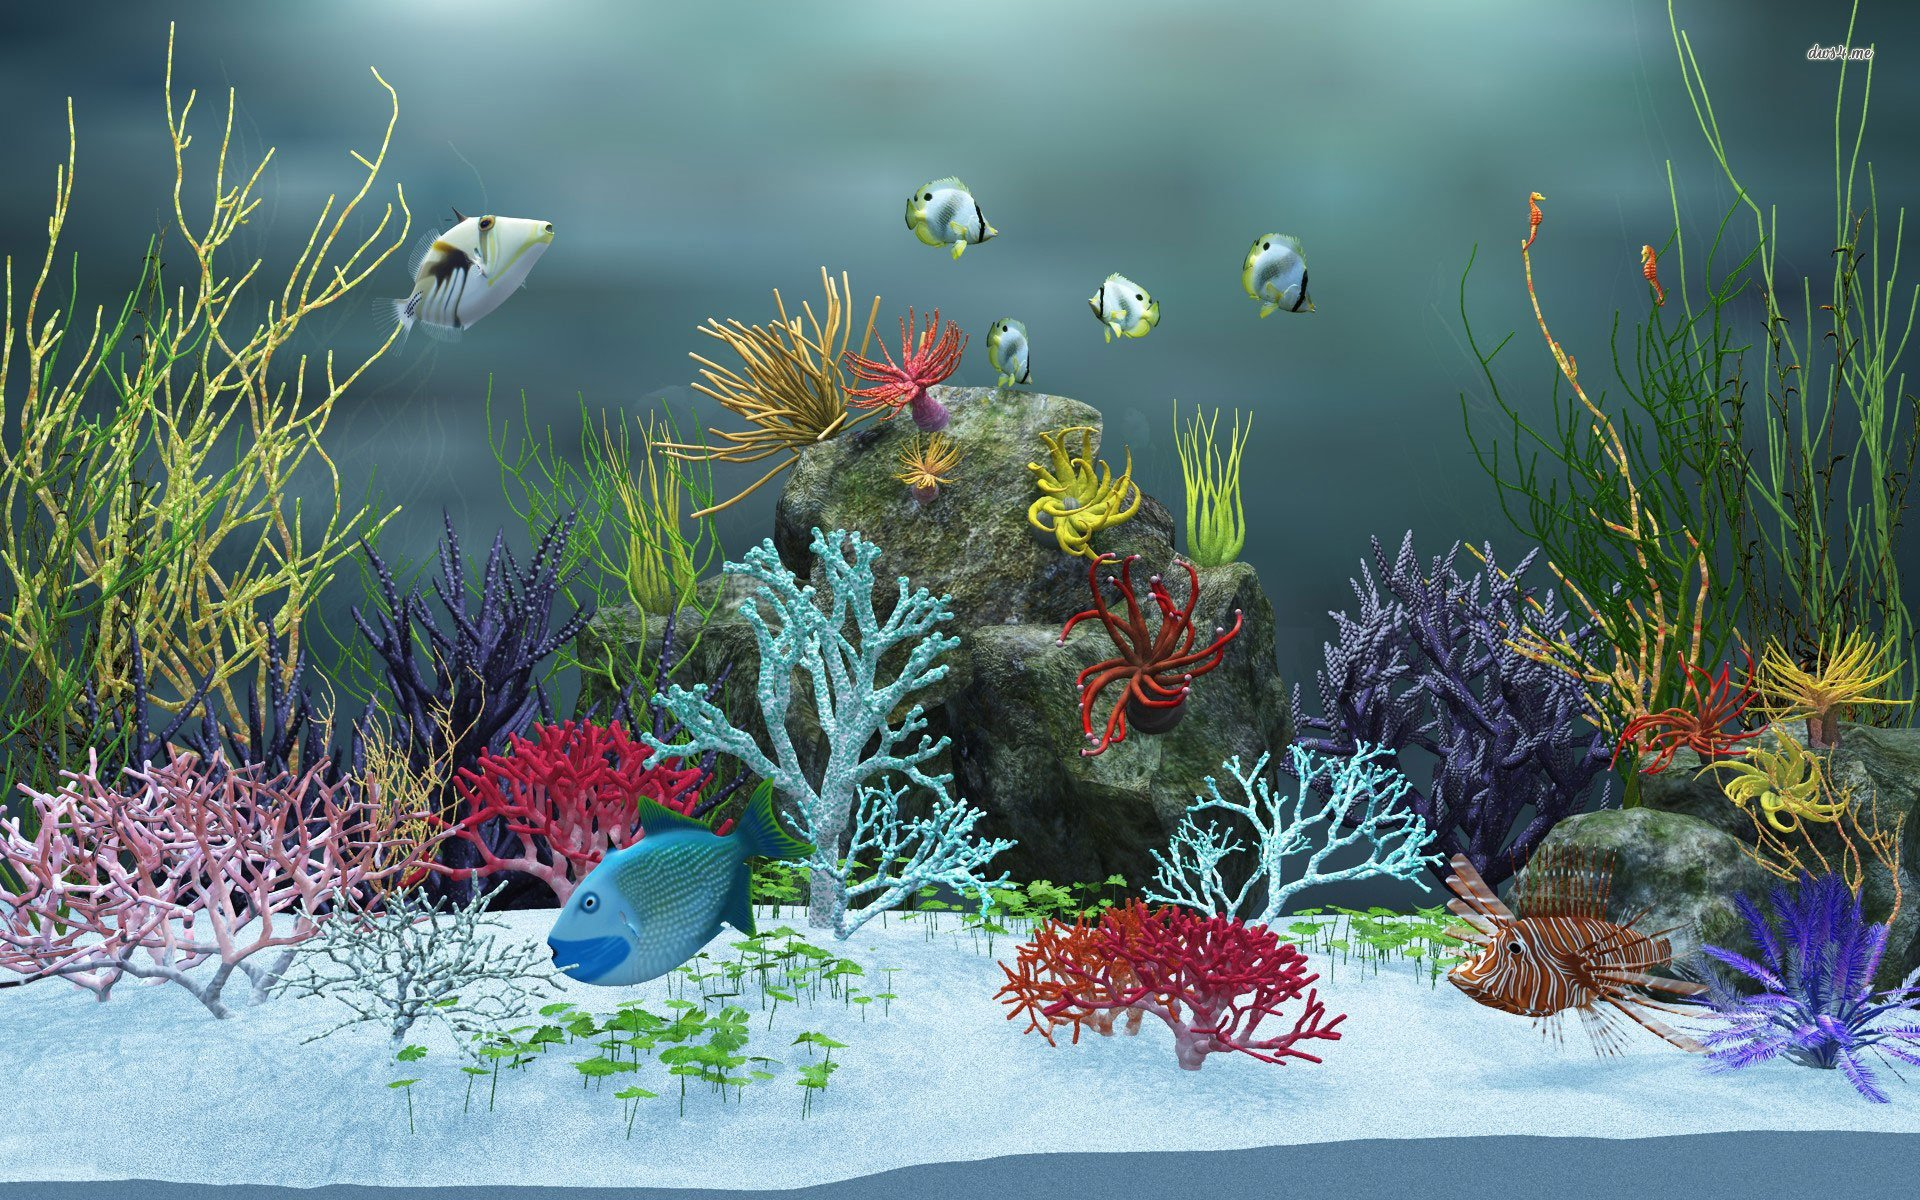 Moving fish aquarium wallpaper wallpapersafari for Fish tank wall